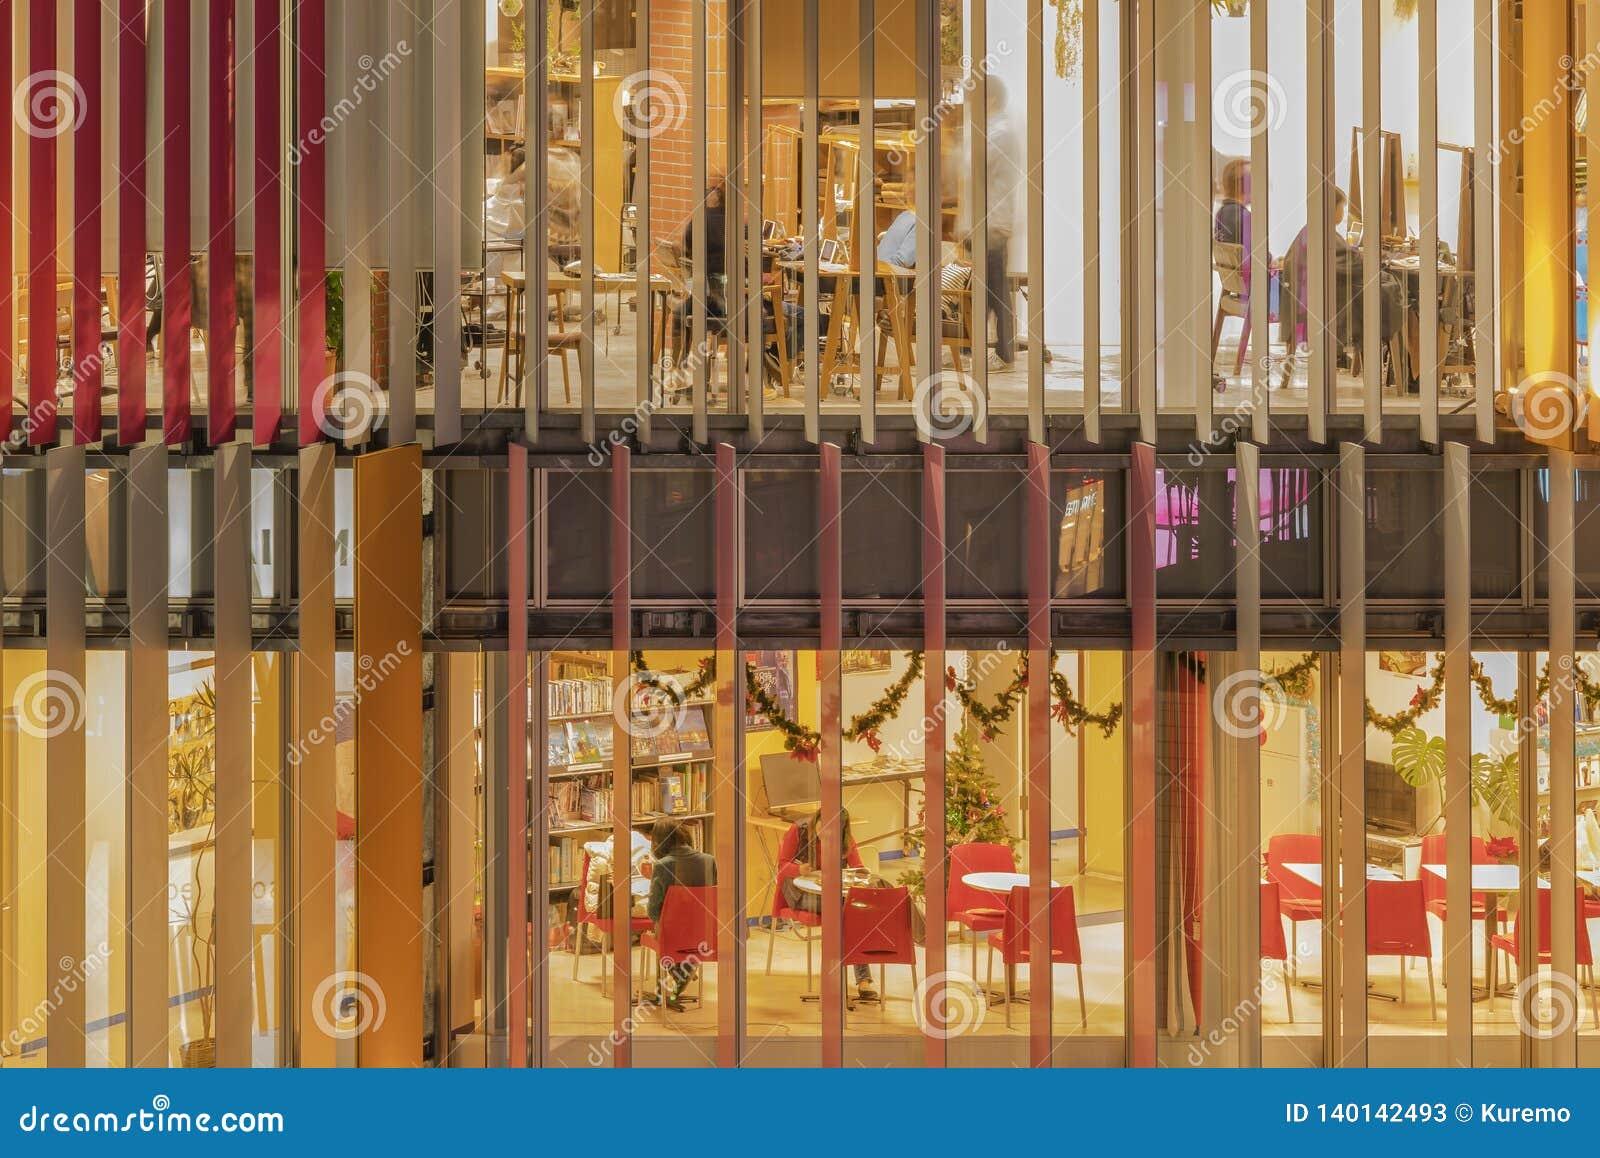 Vorderansicht des Zusammenfassungsentwurfs von Fenstern einer errichtenden Fassade mit farbige Vorhänge ligh-up